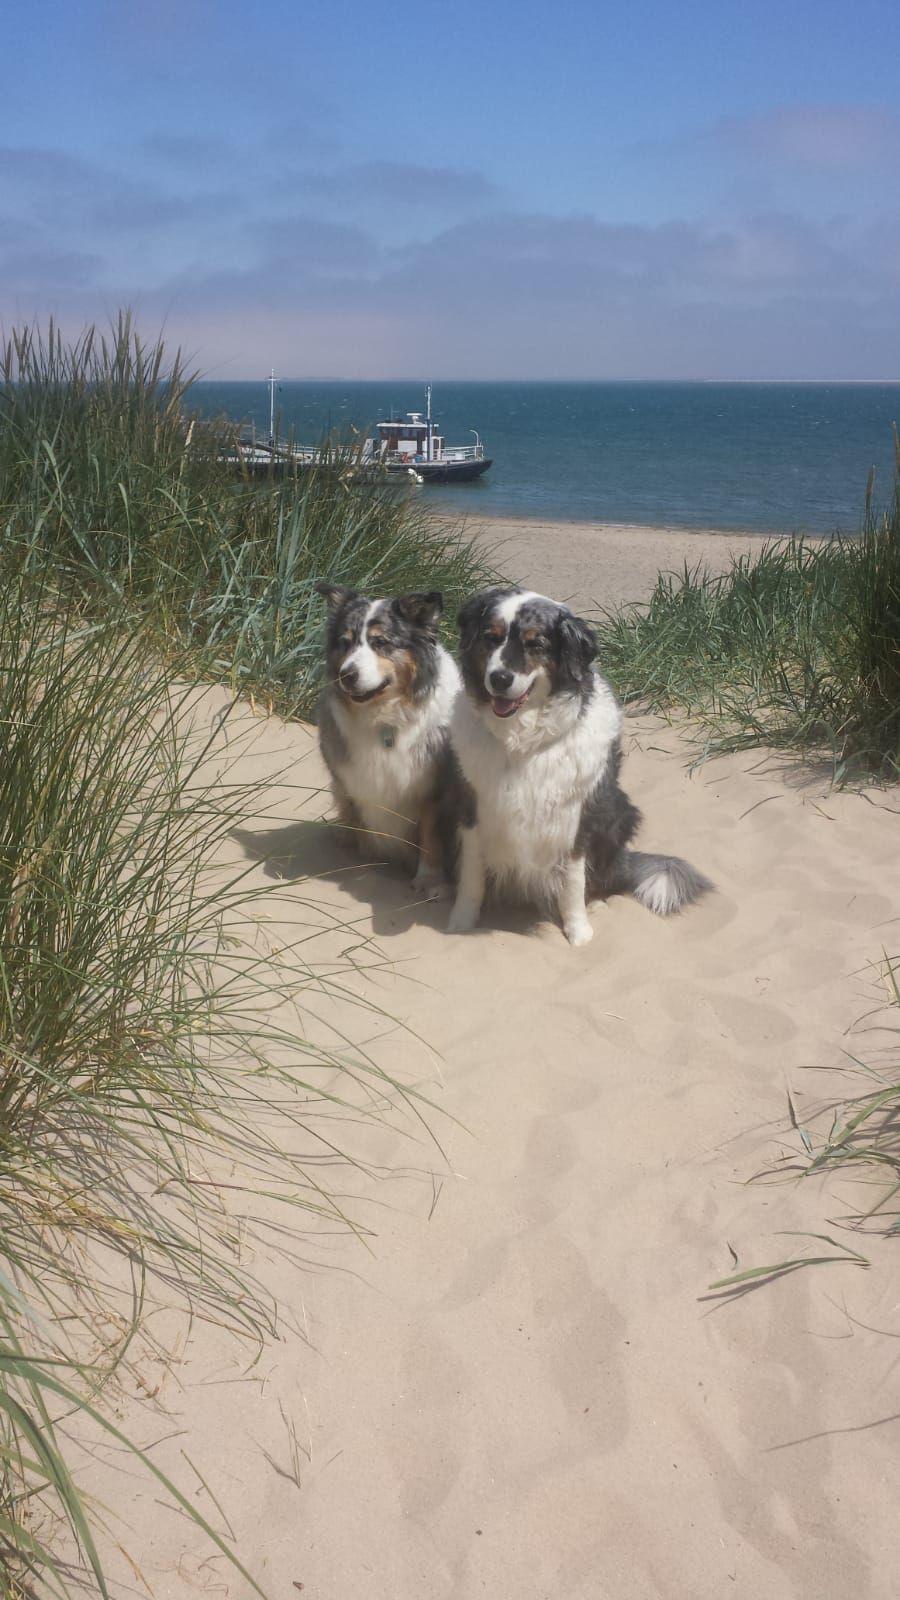 Urlaub mit Hund auf Texel. Danke an Dorothea für das Bild